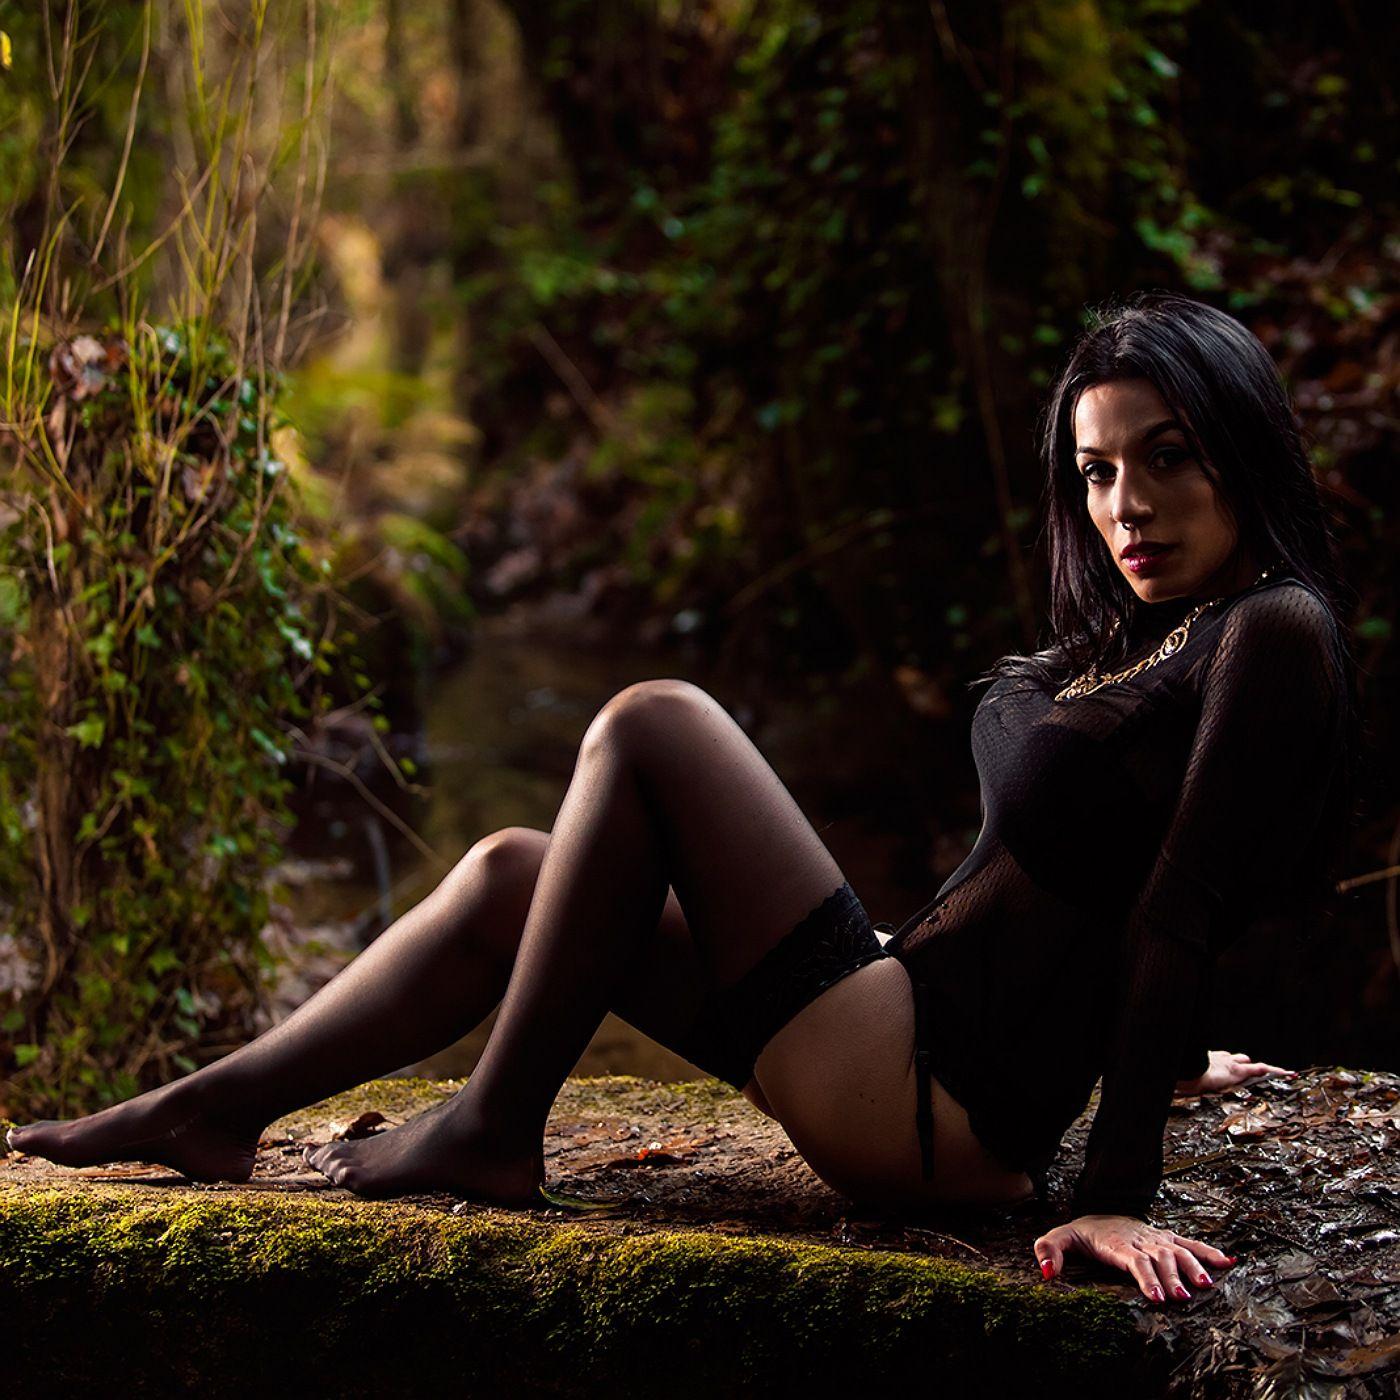 🔥 Sexo en el bosque 🏕 Relato Erótico 🔞